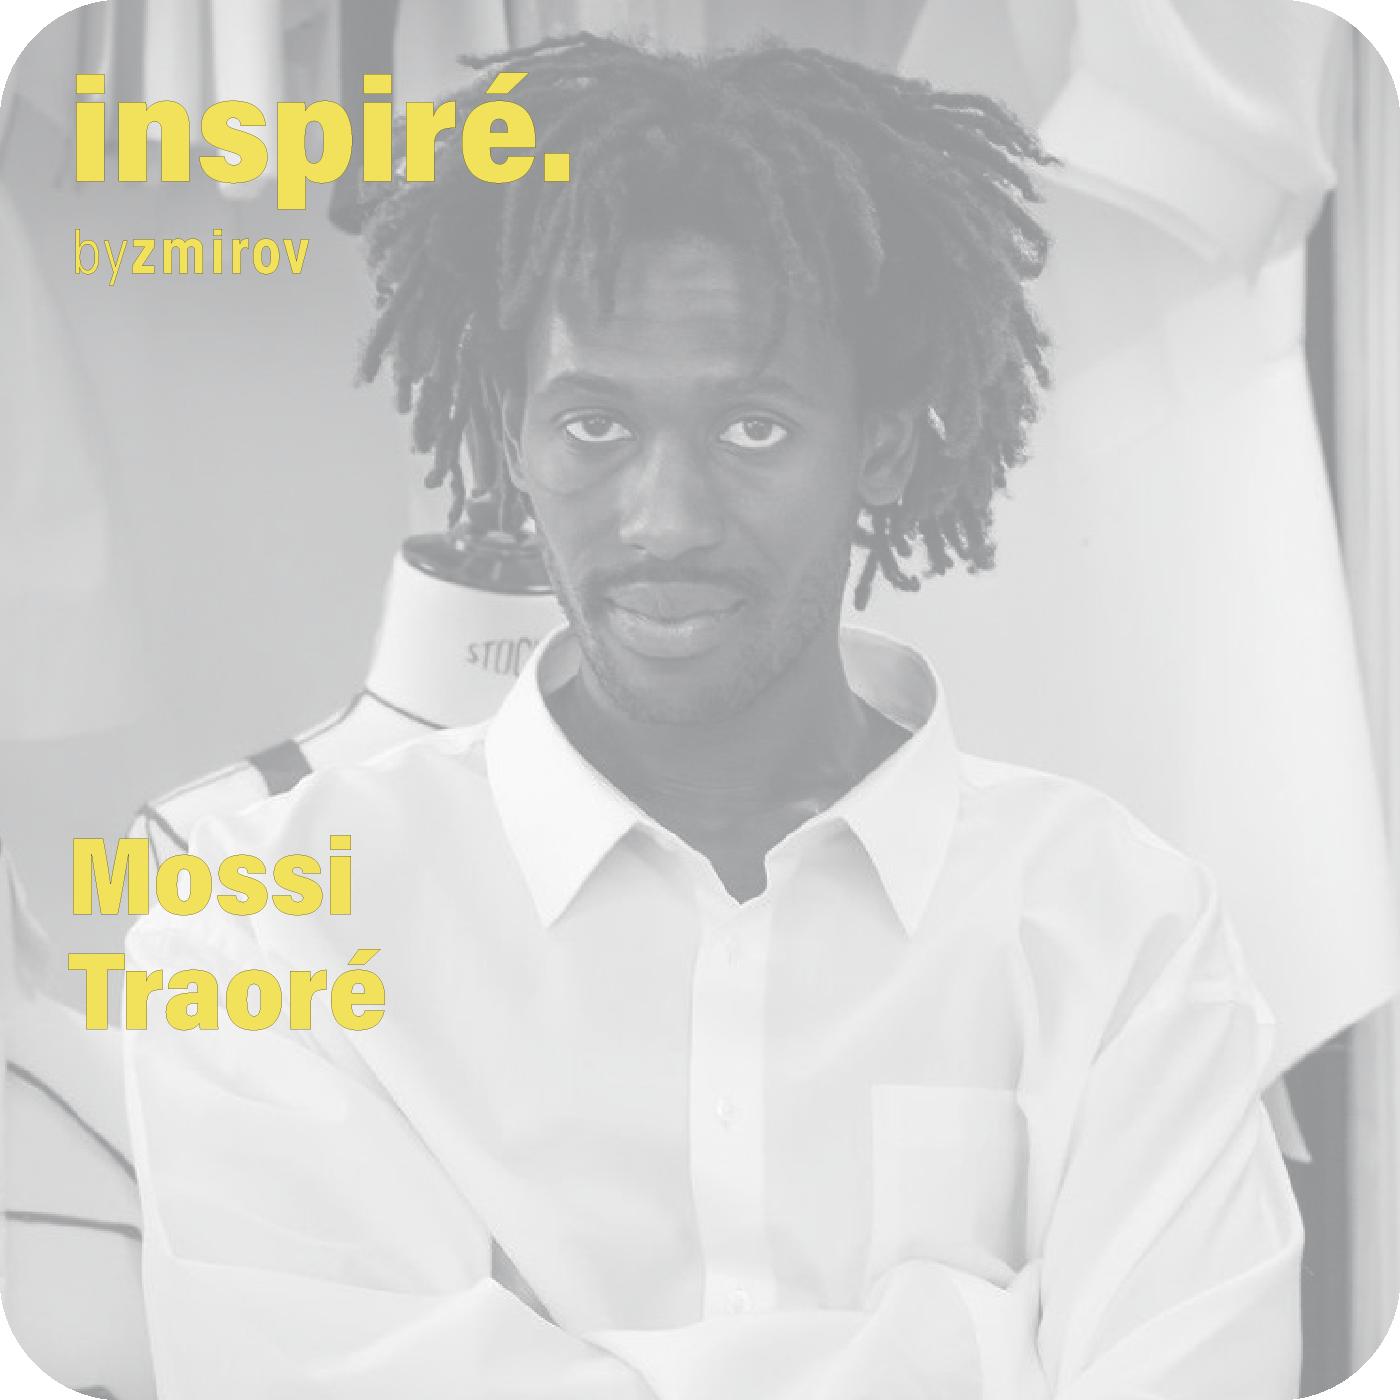 Mossi Traoré